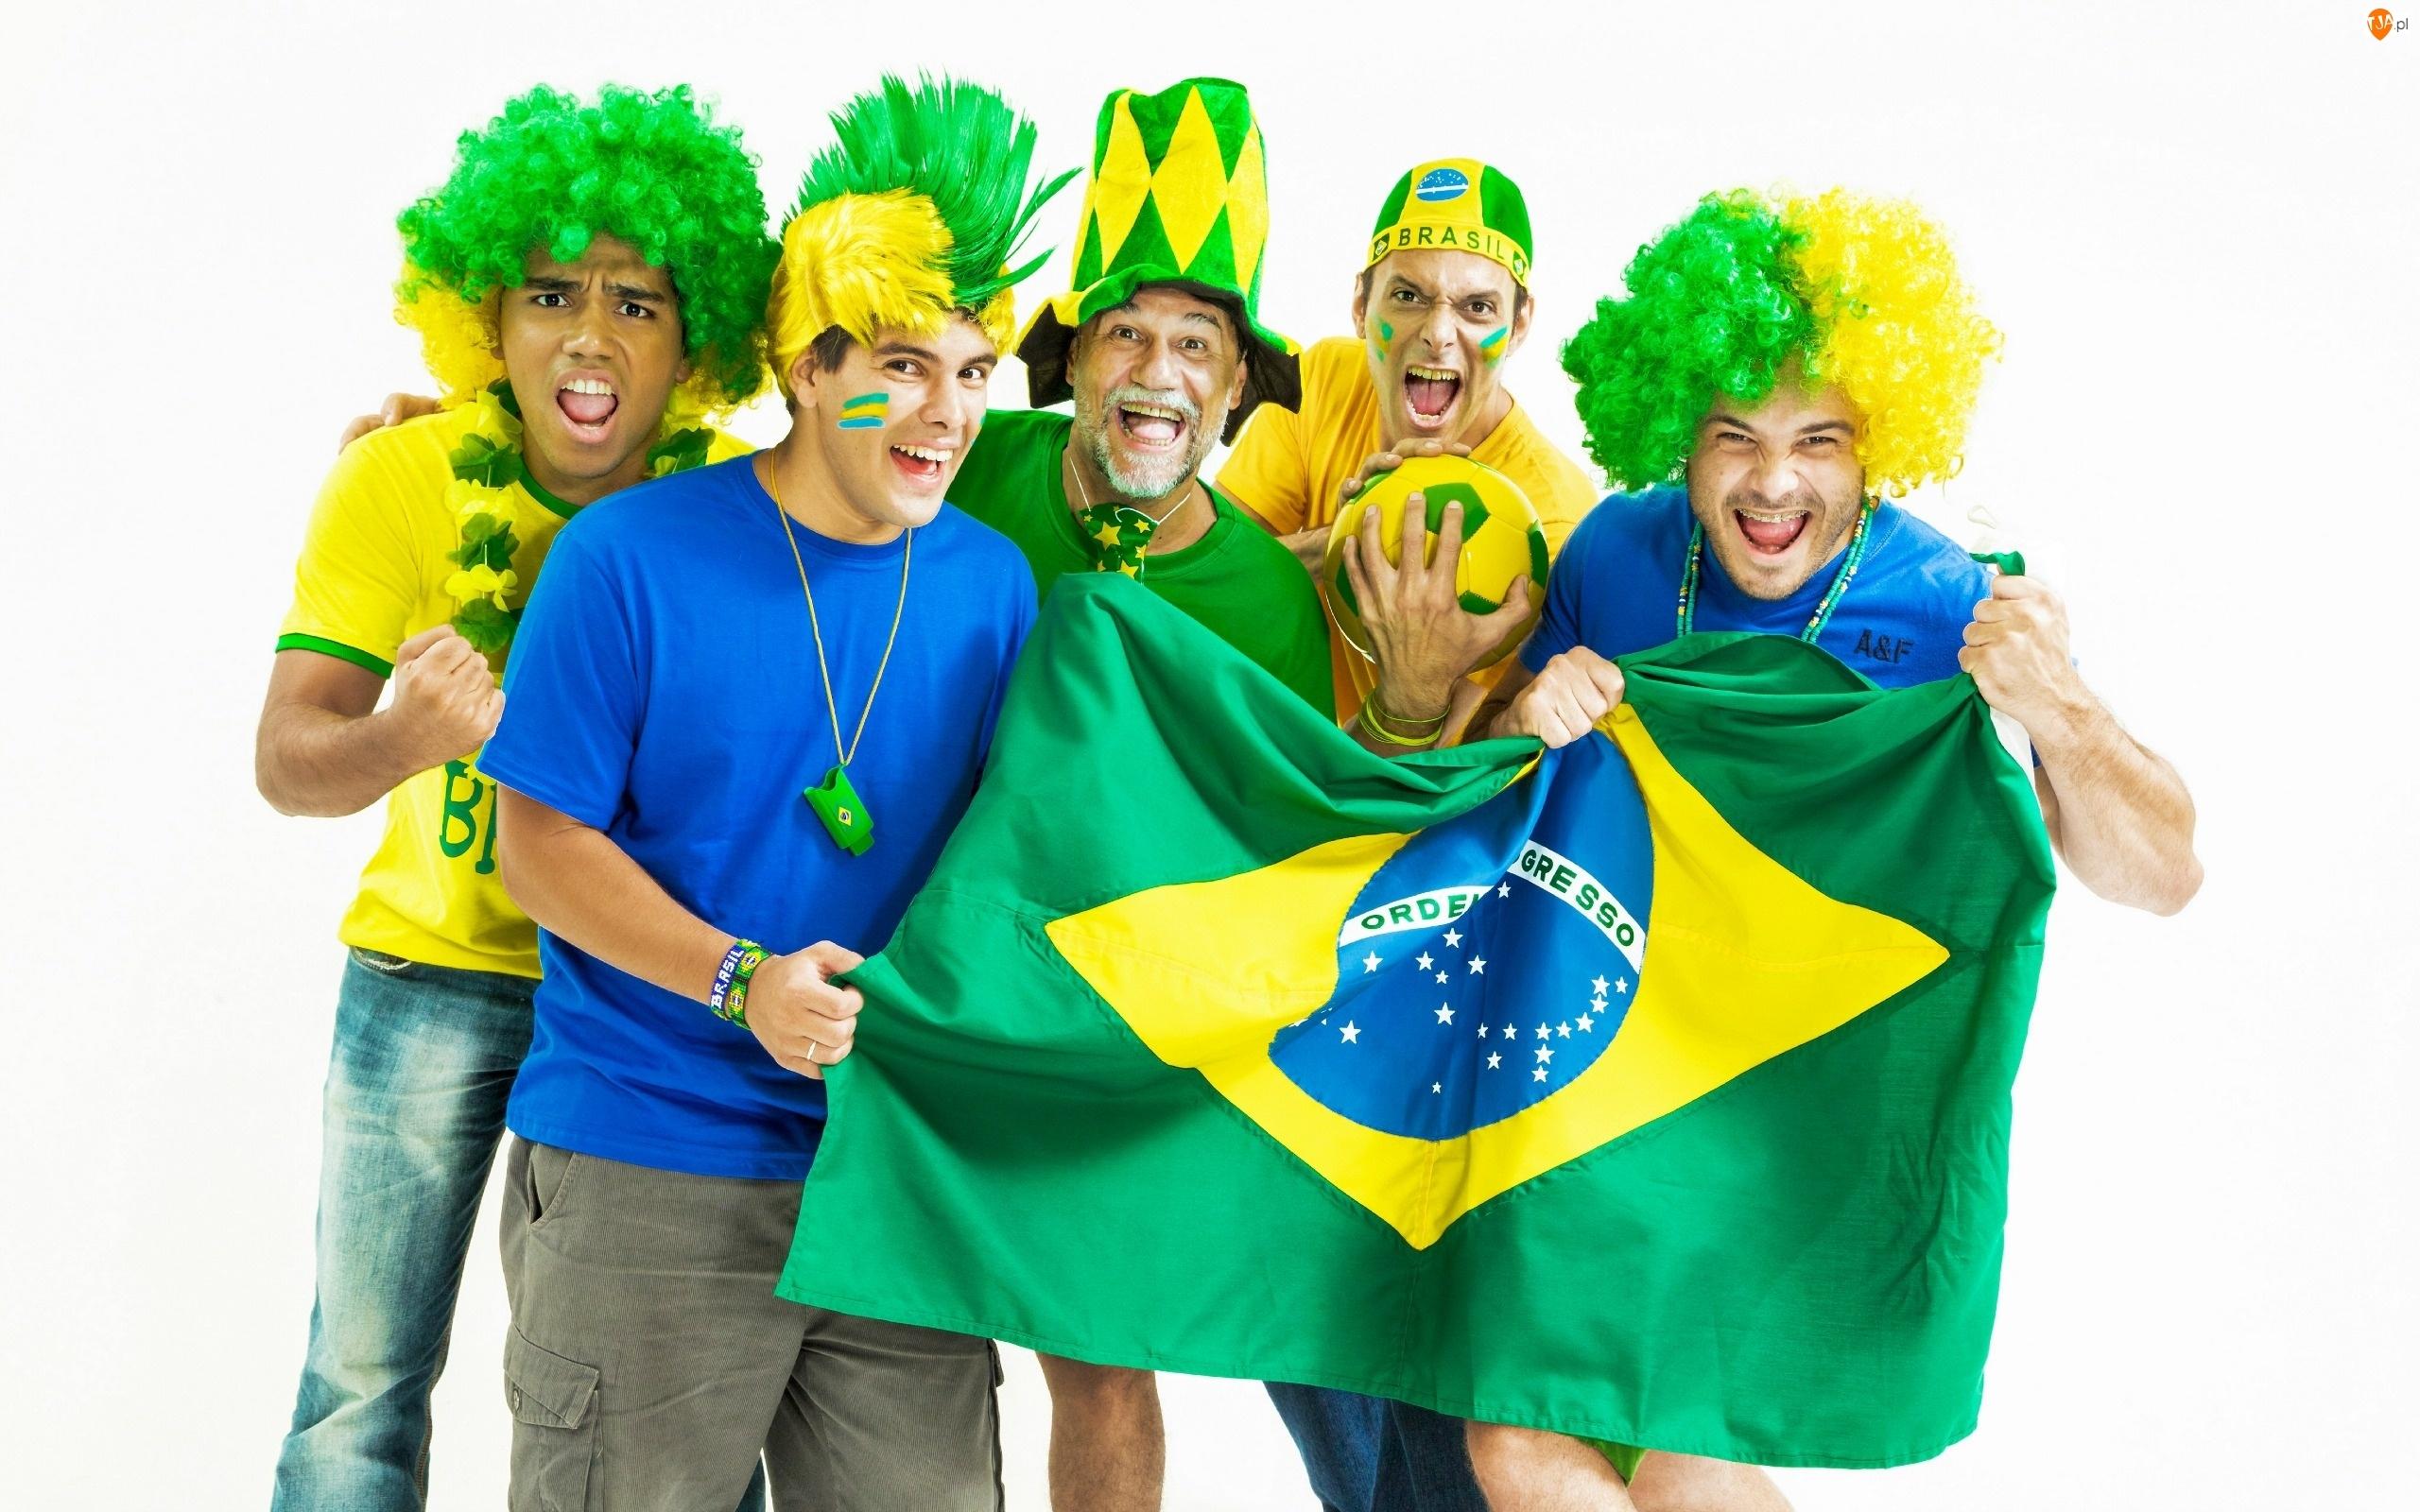 Flaga, Świata, Brazylijscy, 2014, Kibice, Mistrzostwa